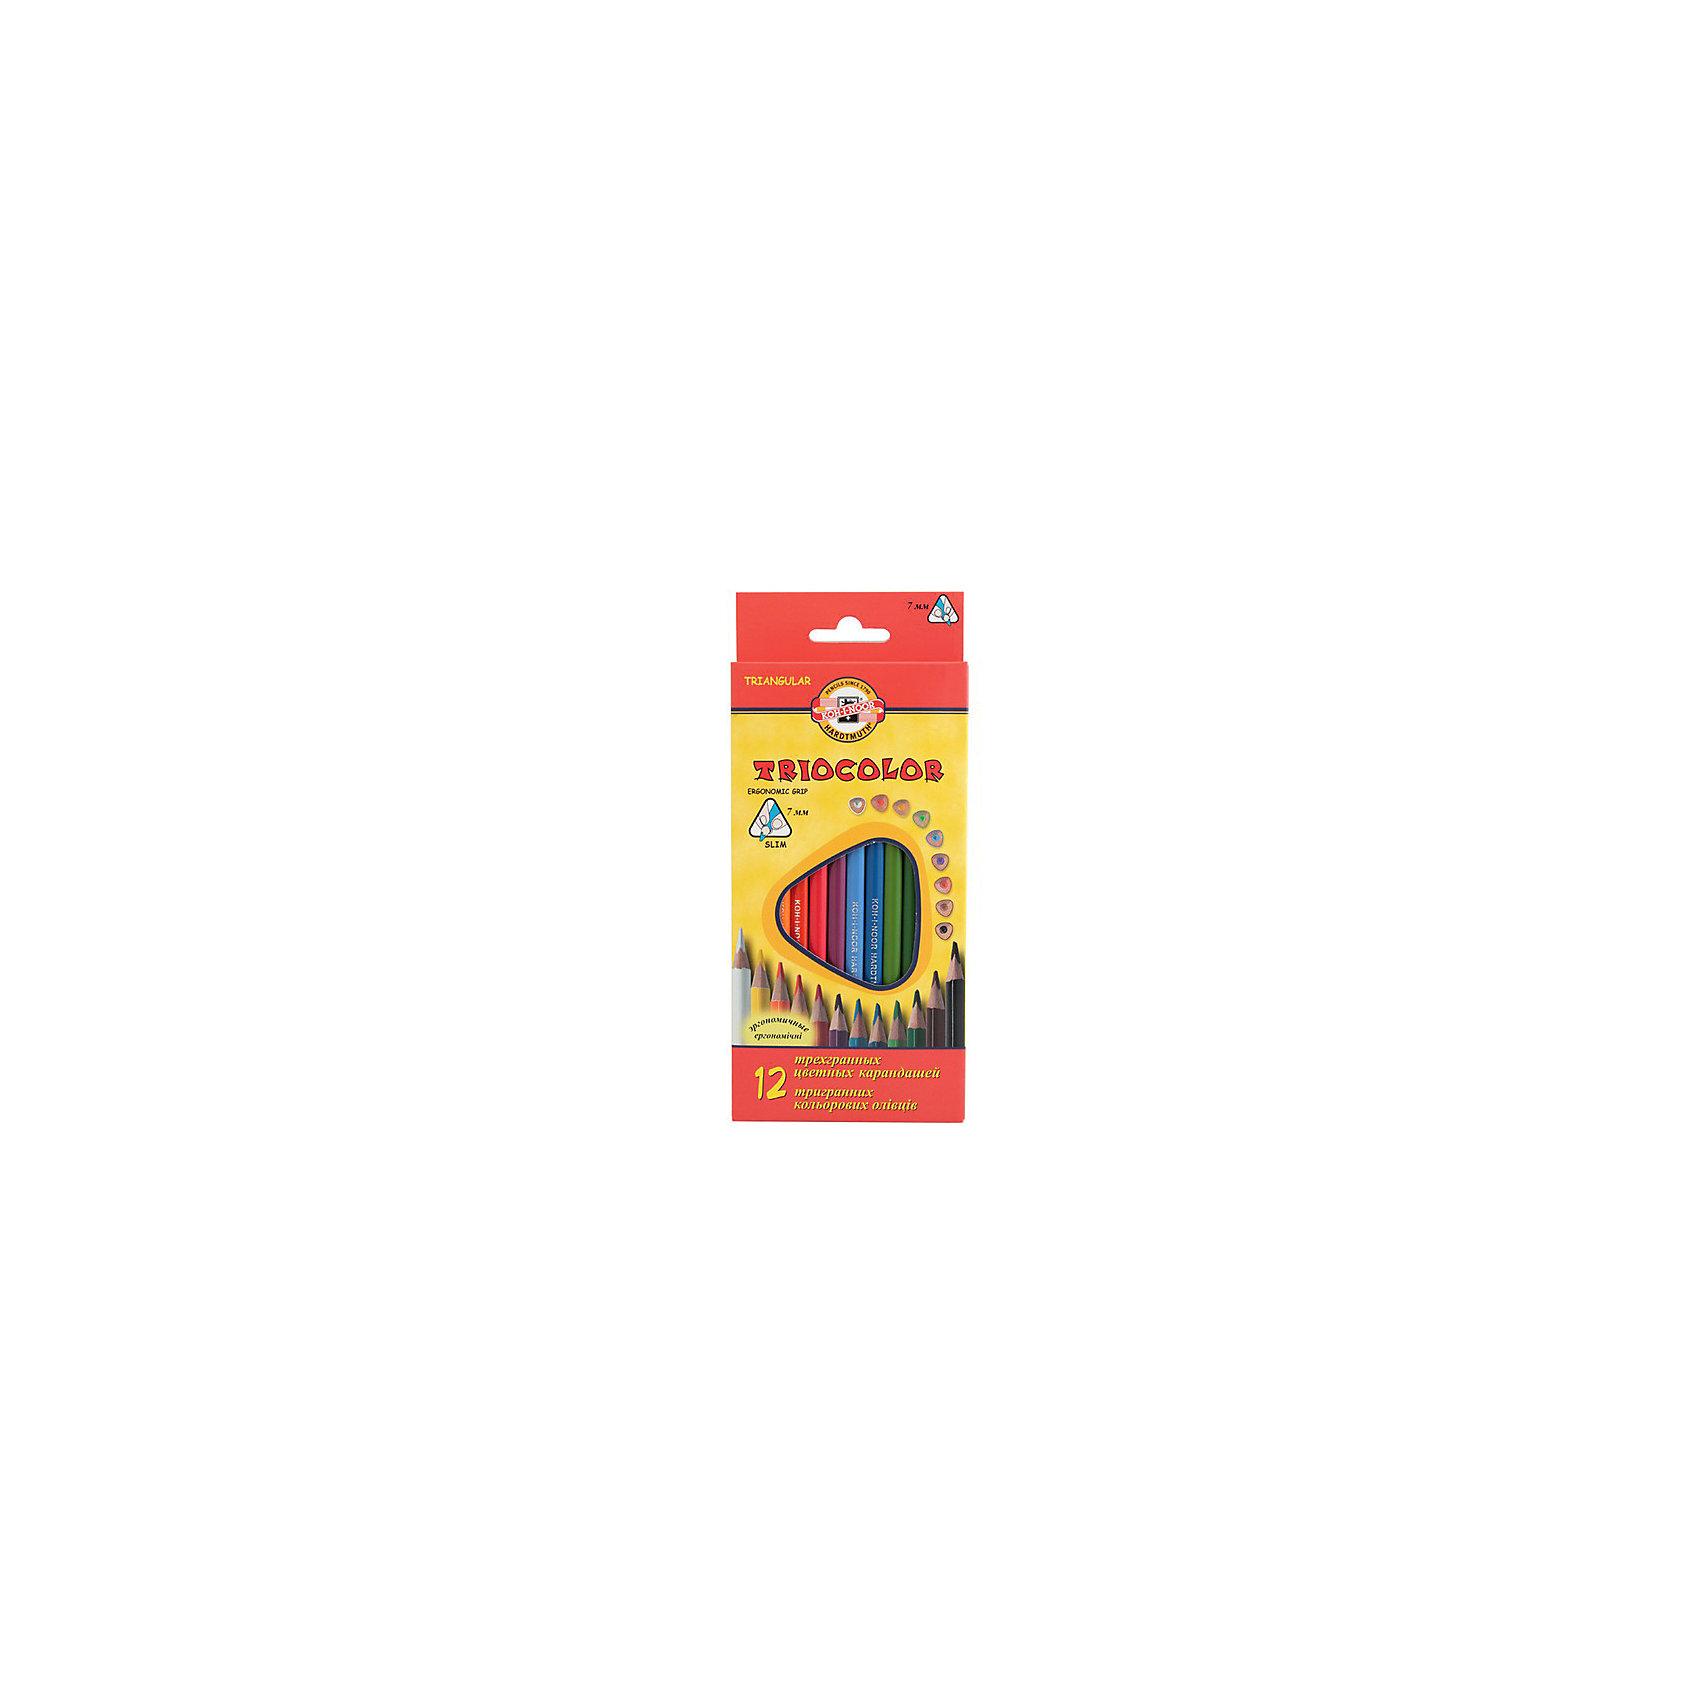 KOH-I-NOOR Набор карандашей цветных TRIOCOLOR трехгранных, 12 цвПисьменные принадлежности<br>Трехгранная эргономичная форма захвата. Яркие,насыщенные цвета. Грифель устойчив к механическим деформациям,легко затачивается. Длина стержня - 175 мм. Диаметр грифеля - 3,2 мм. 12 цветов. В картонной коробке с европодвесом<br><br>Ширина мм: 200<br>Глубина мм: 84<br>Высота мм: 10<br>Вес г: 91<br>Возраст от месяцев: 36<br>Возраст до месяцев: 168<br>Пол: Унисекс<br>Возраст: Детский<br>SKU: 6888741